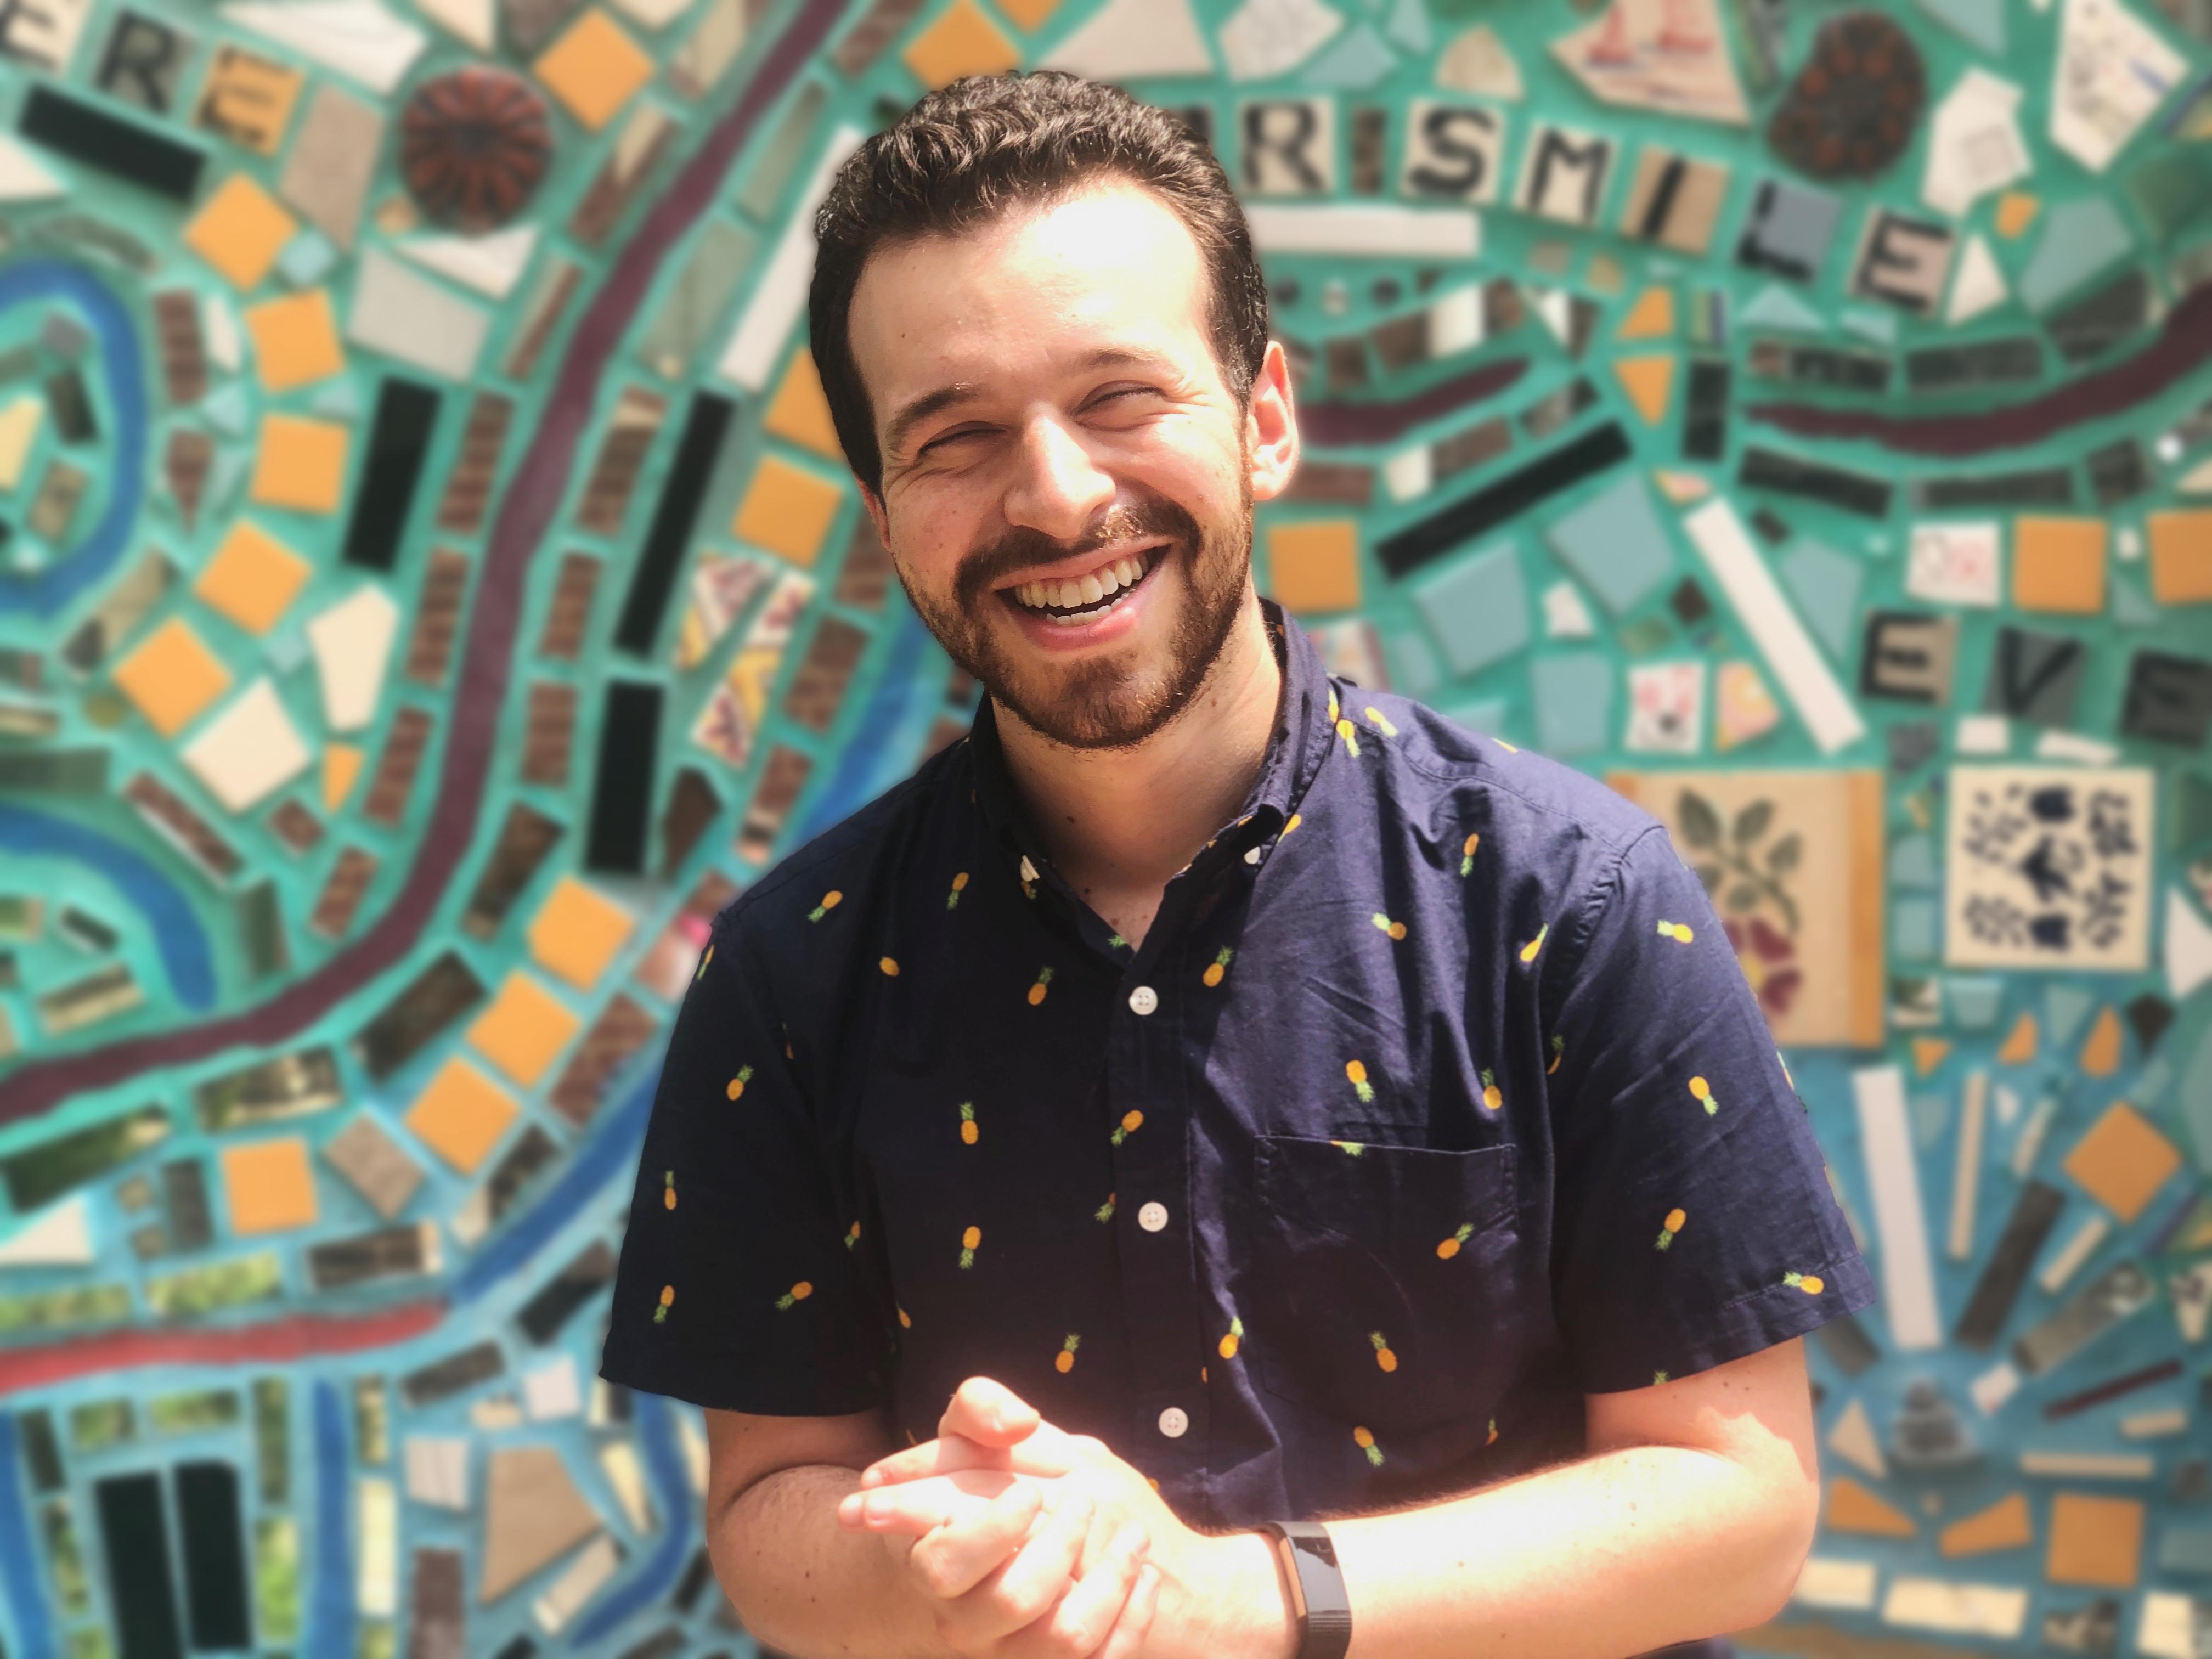 Ross Weisman, Engagement Associate